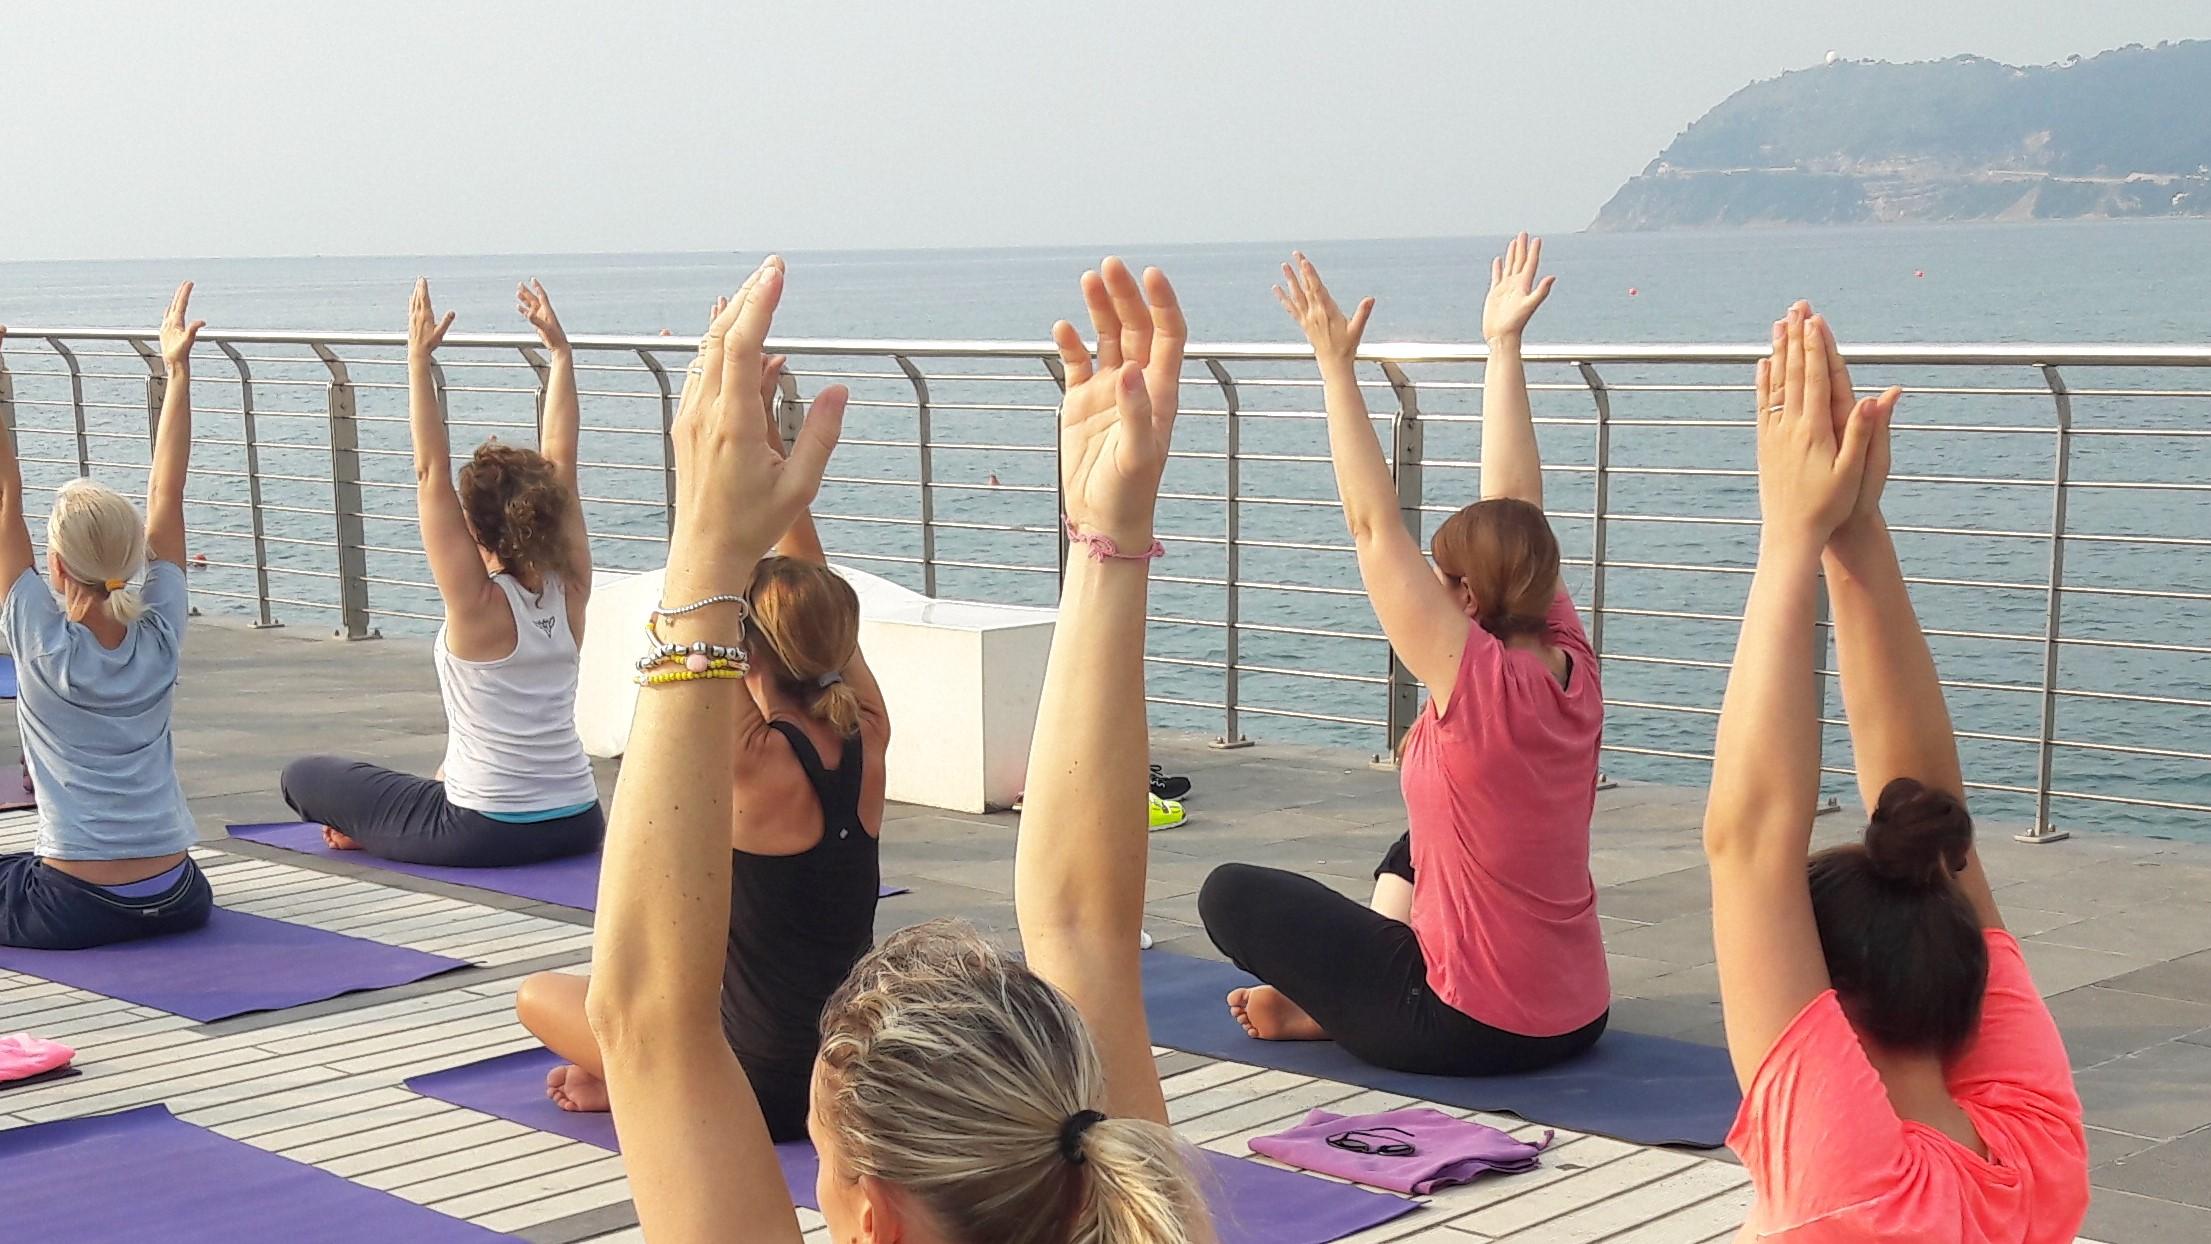 1_essere-free-yoga-gratuito-benessere-per-tutti-village-citta-alassio-estate-lucia-ragazzi-summer-town-wellness-012